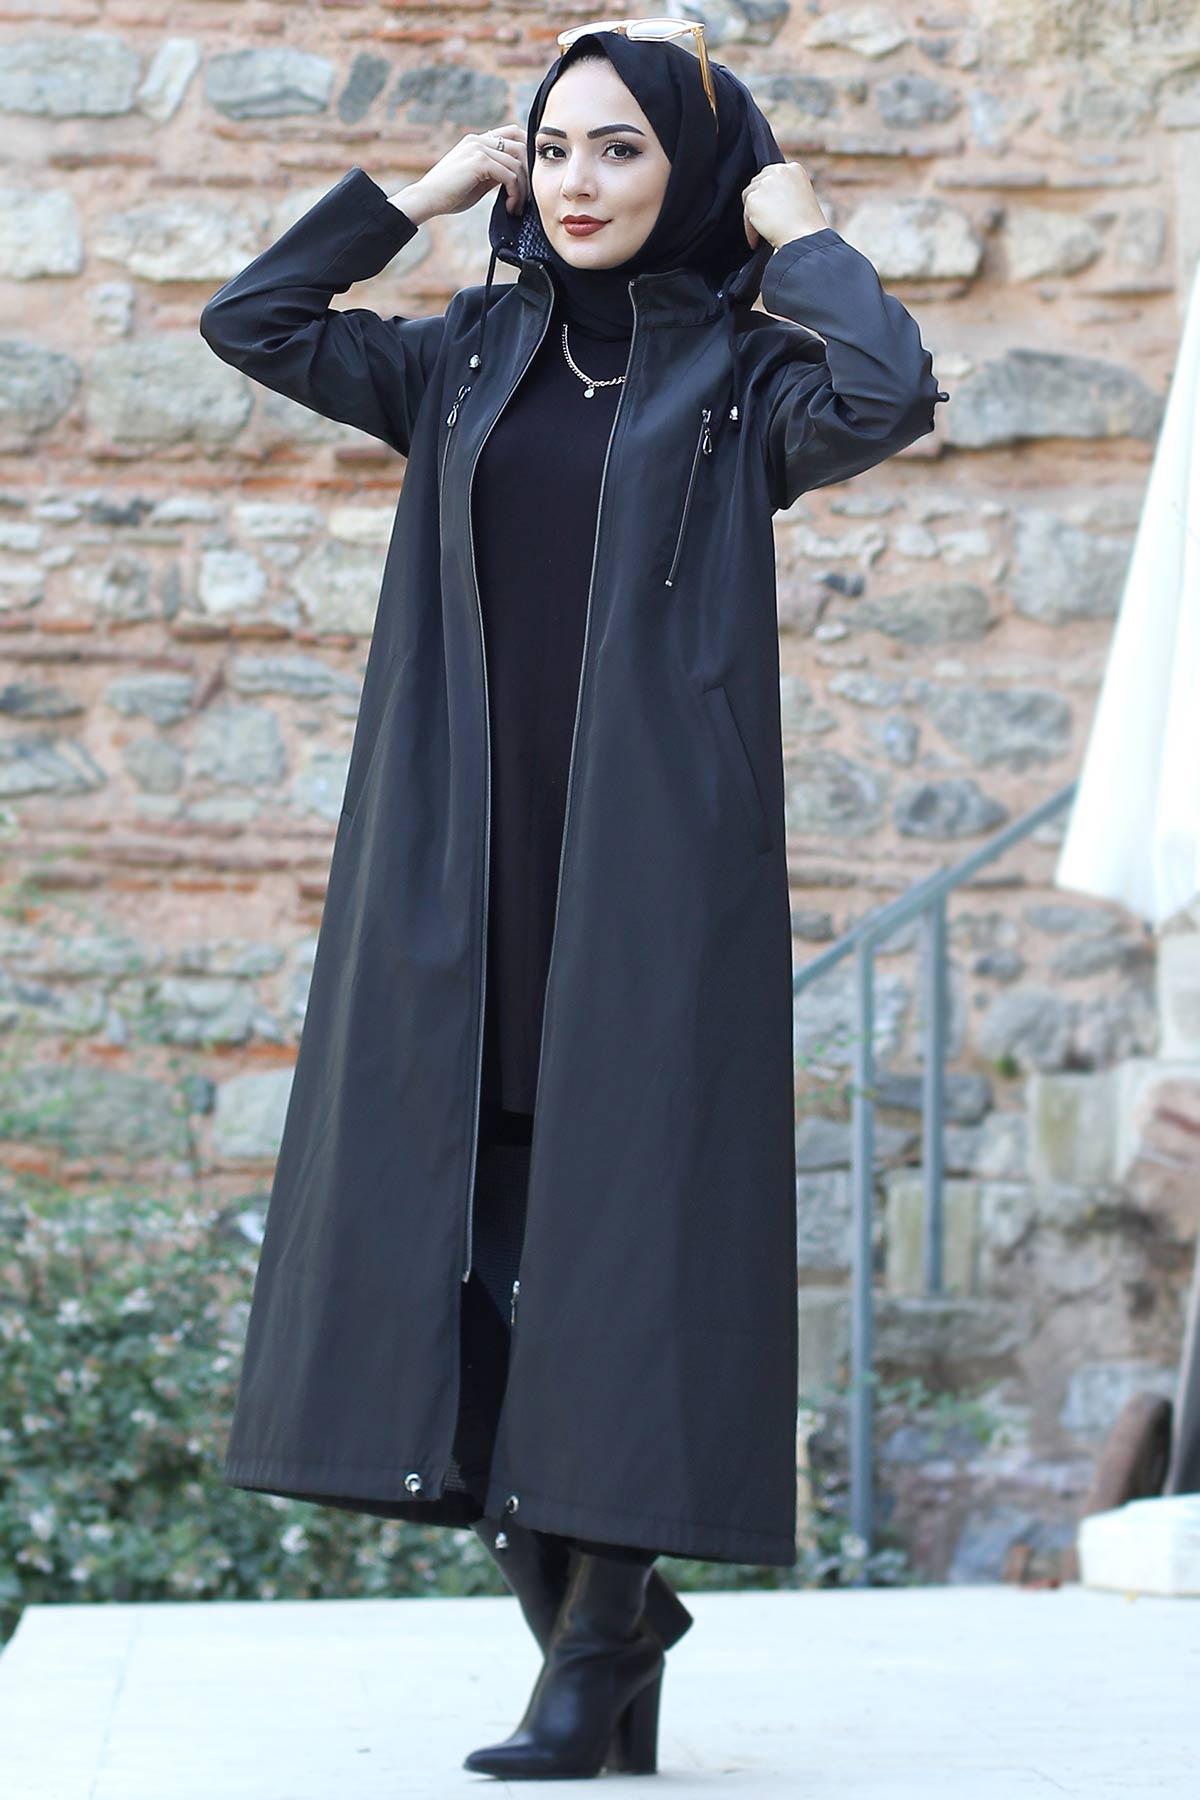 معطف ترنش بزخرفة سحاب للزينة TSD8876 أسود